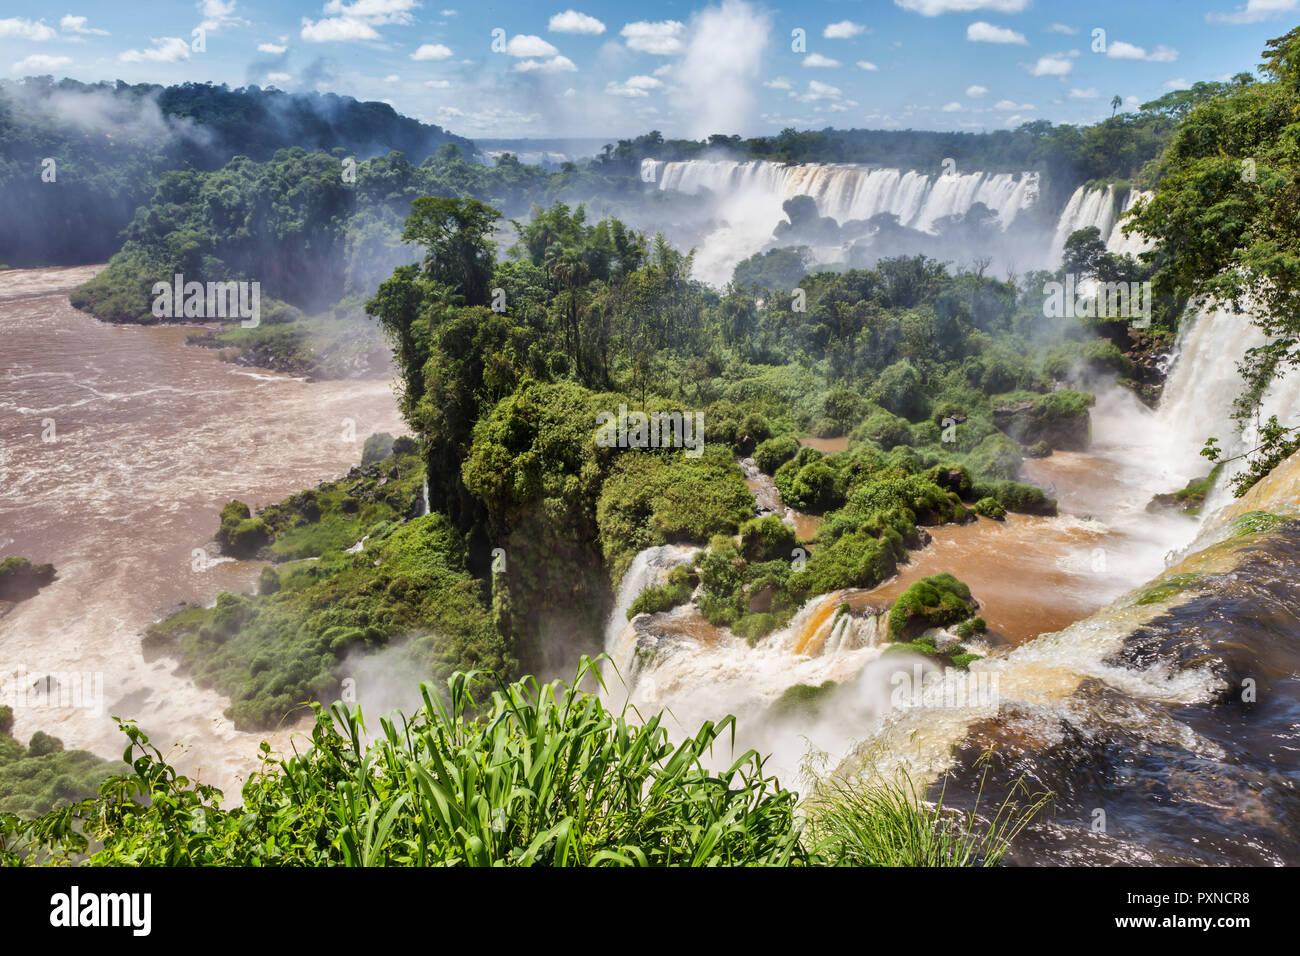 Cascate di Iguassù, Puerto Iguazu, Misiones, Argentina Immagini Stock